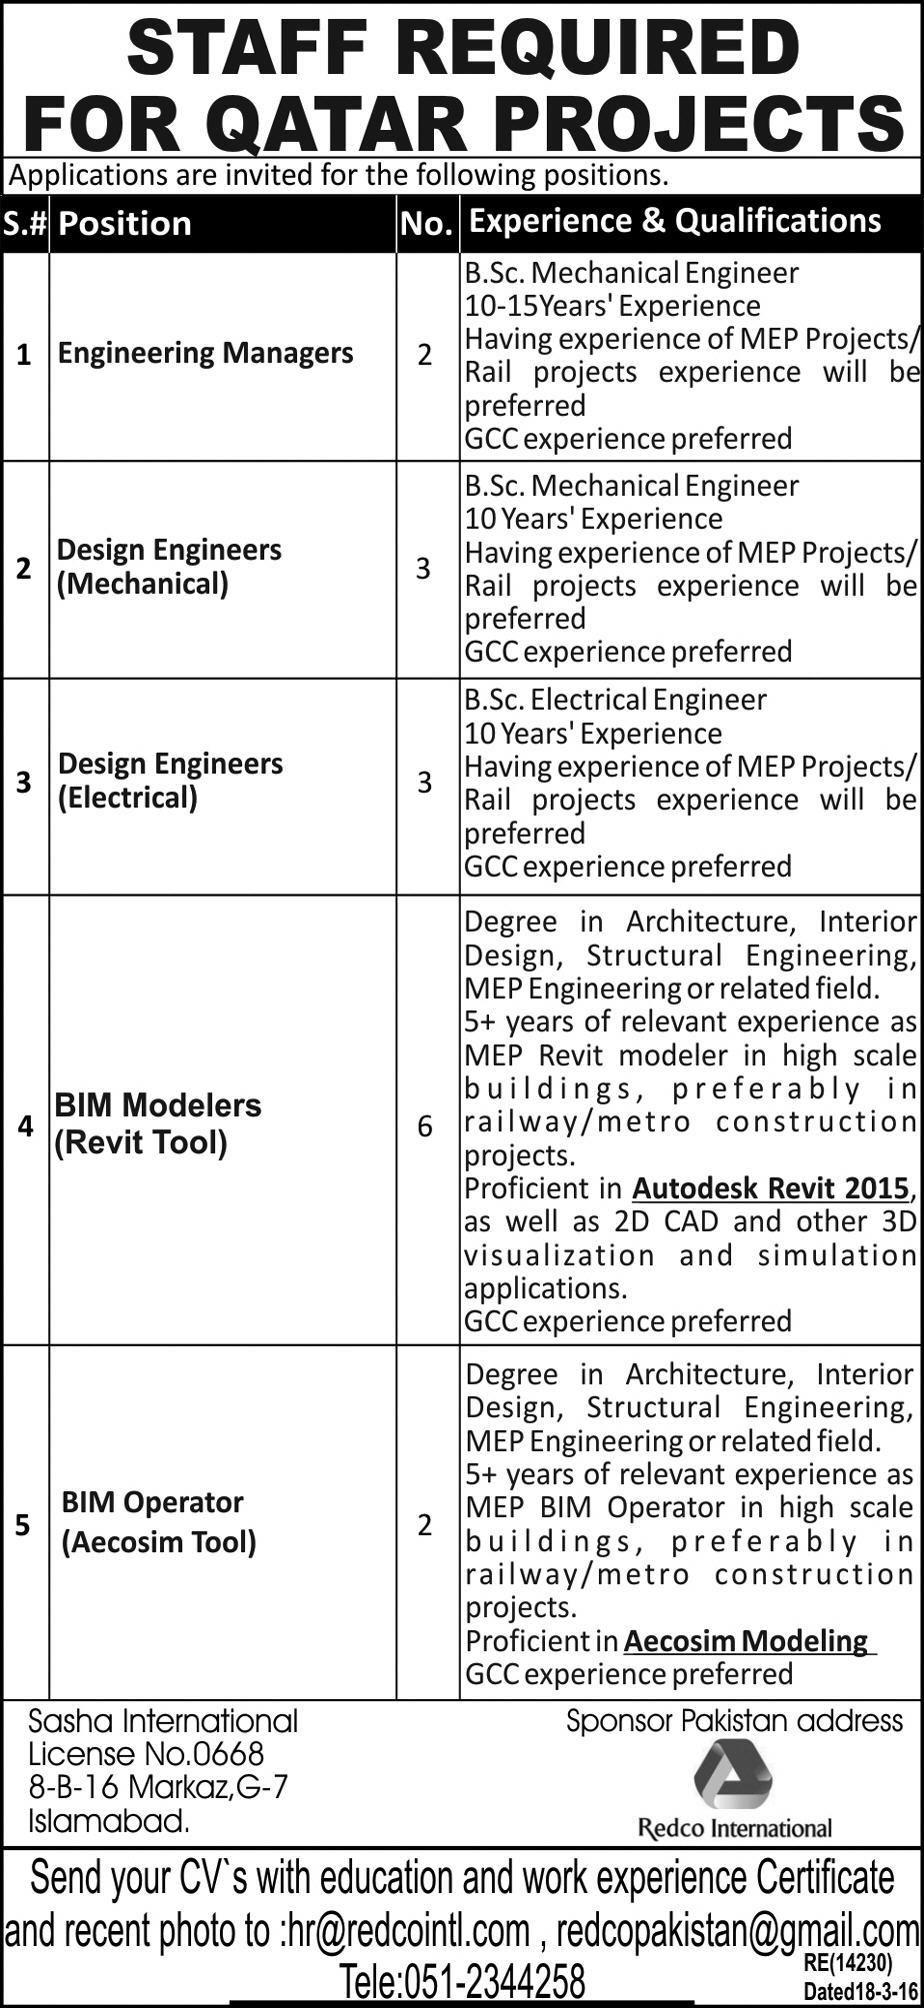 Latest Jobs In Redco International Qatar   Jobs In Pakistan